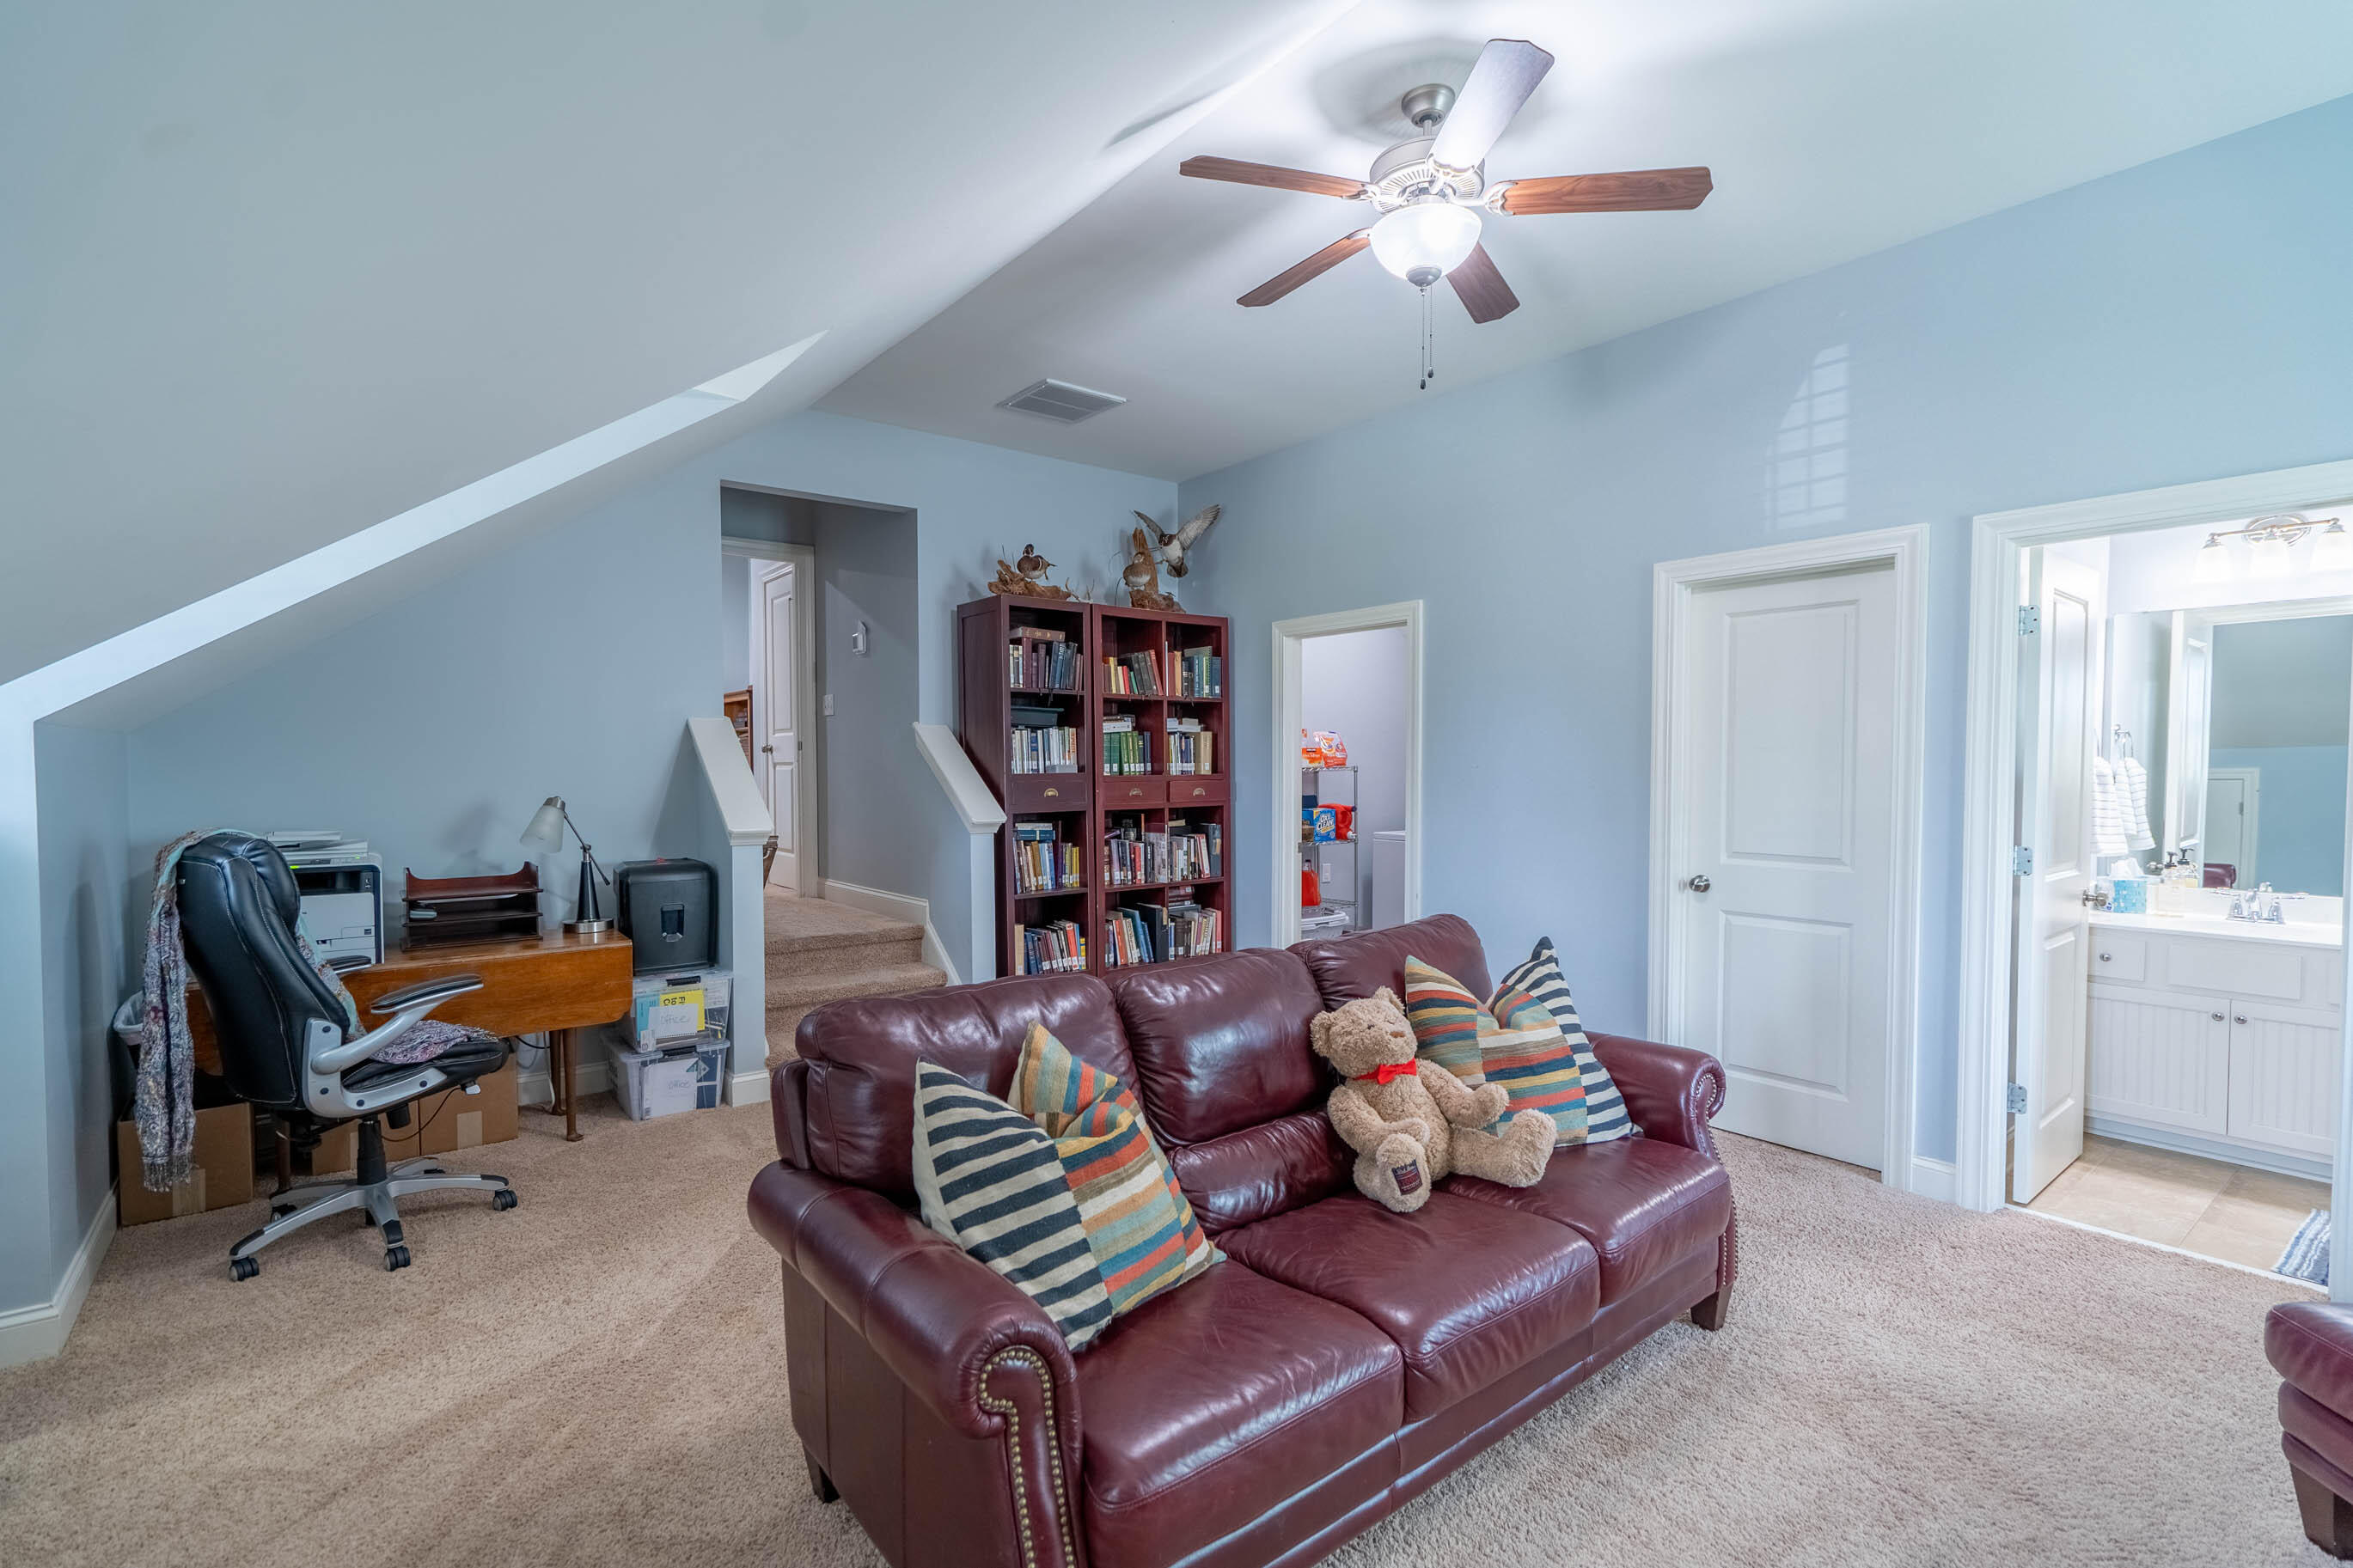 Dunes West Homes For Sale - 2997 Sturbridge, Mount Pleasant, SC - 34